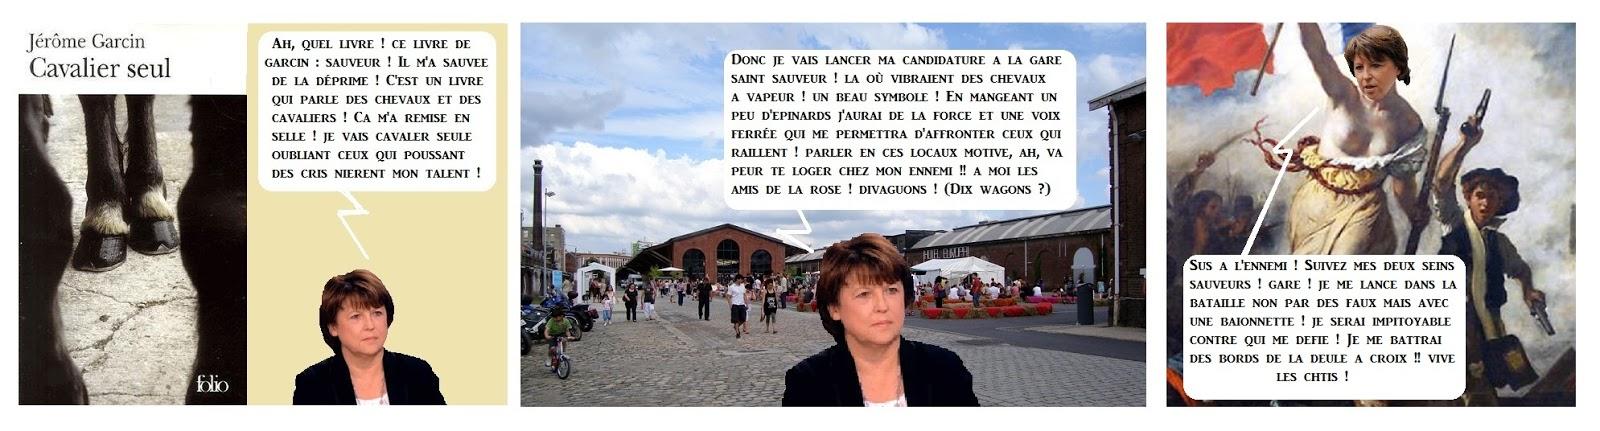 Mots Les FabianoJuin Bons De 2011 2WHDE9I